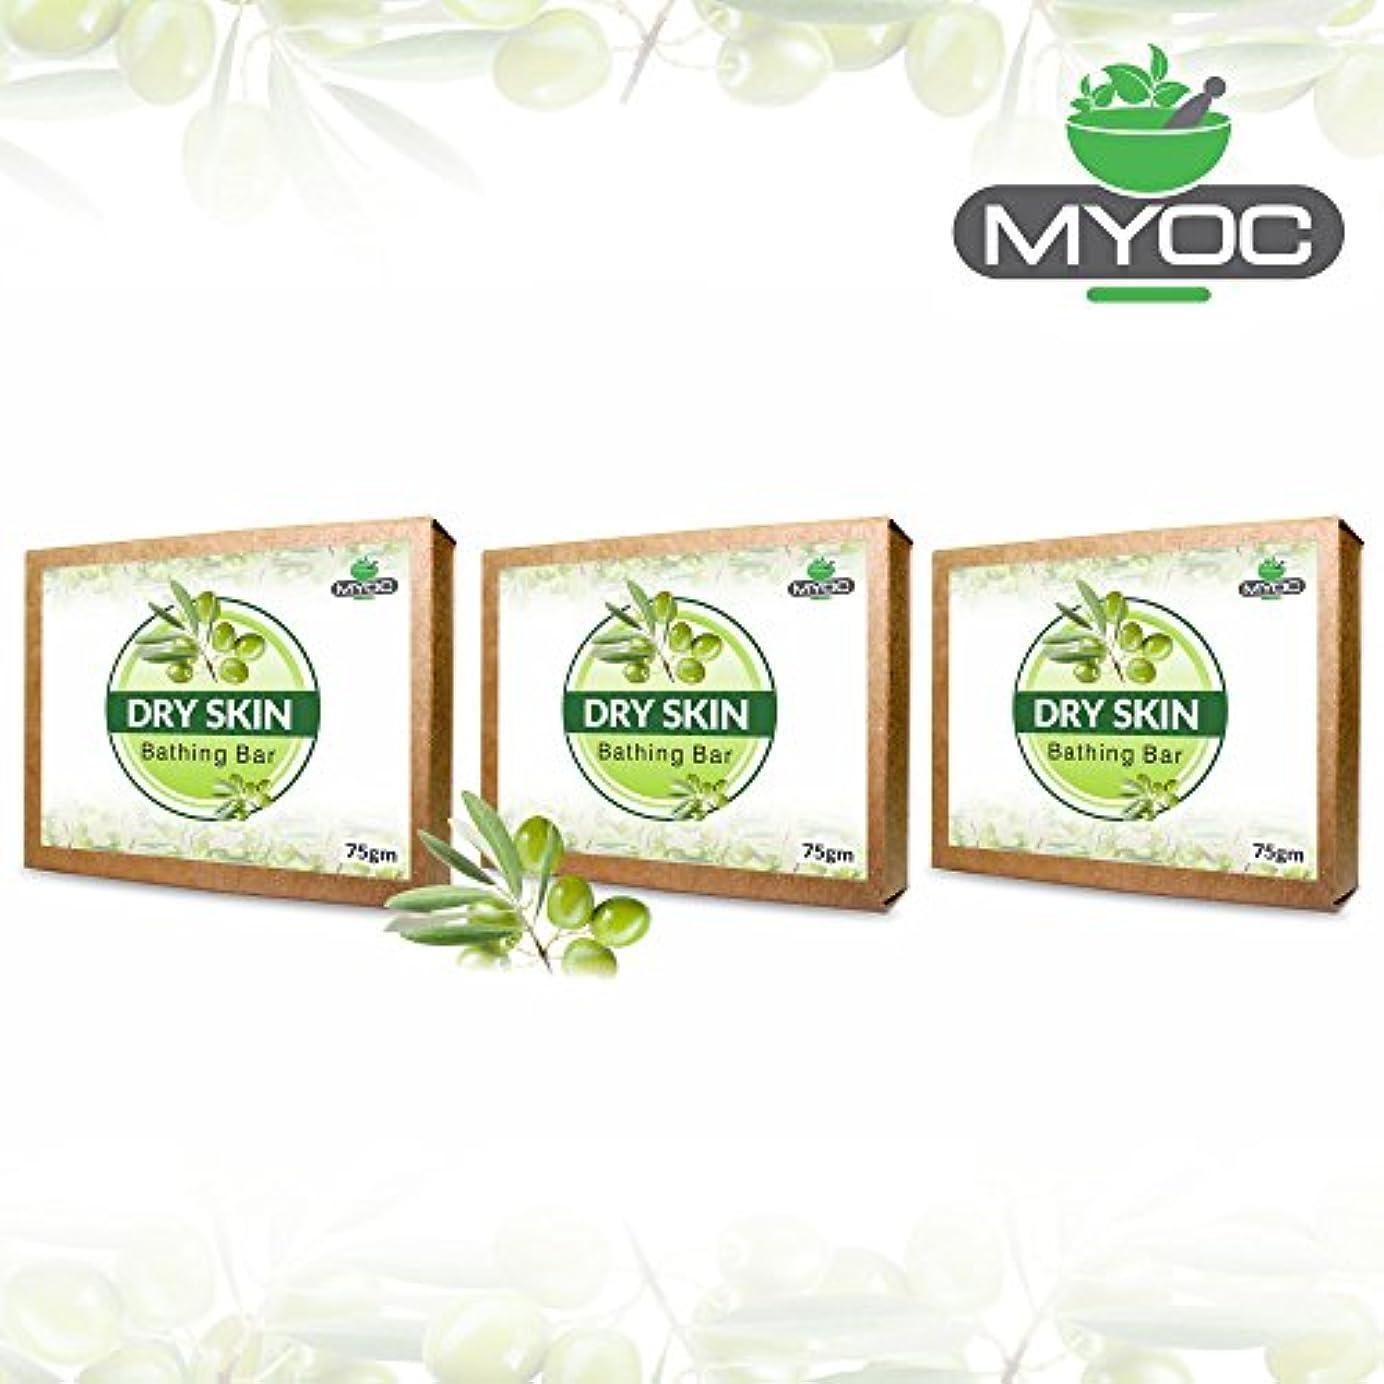 伝える反逆膨らみOlive oil and glycerine soap for dry skin 75gm x 3 Pack